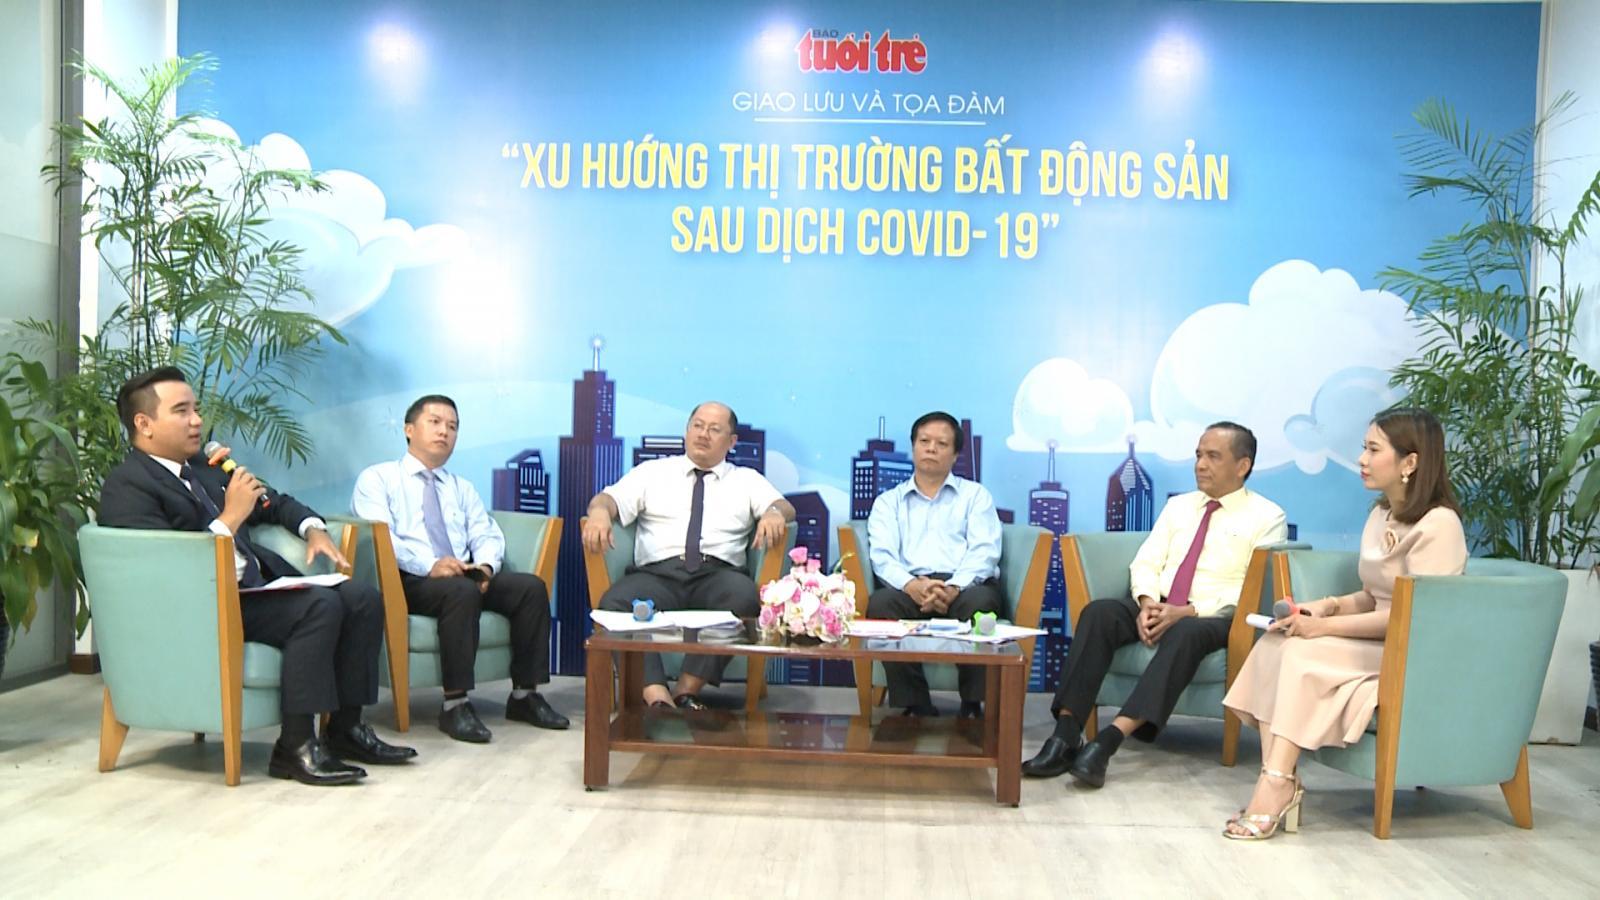 Hình ảnh tại buổi tọa đàm về bất động sản vùng ven của báo Tuổi Trẻ